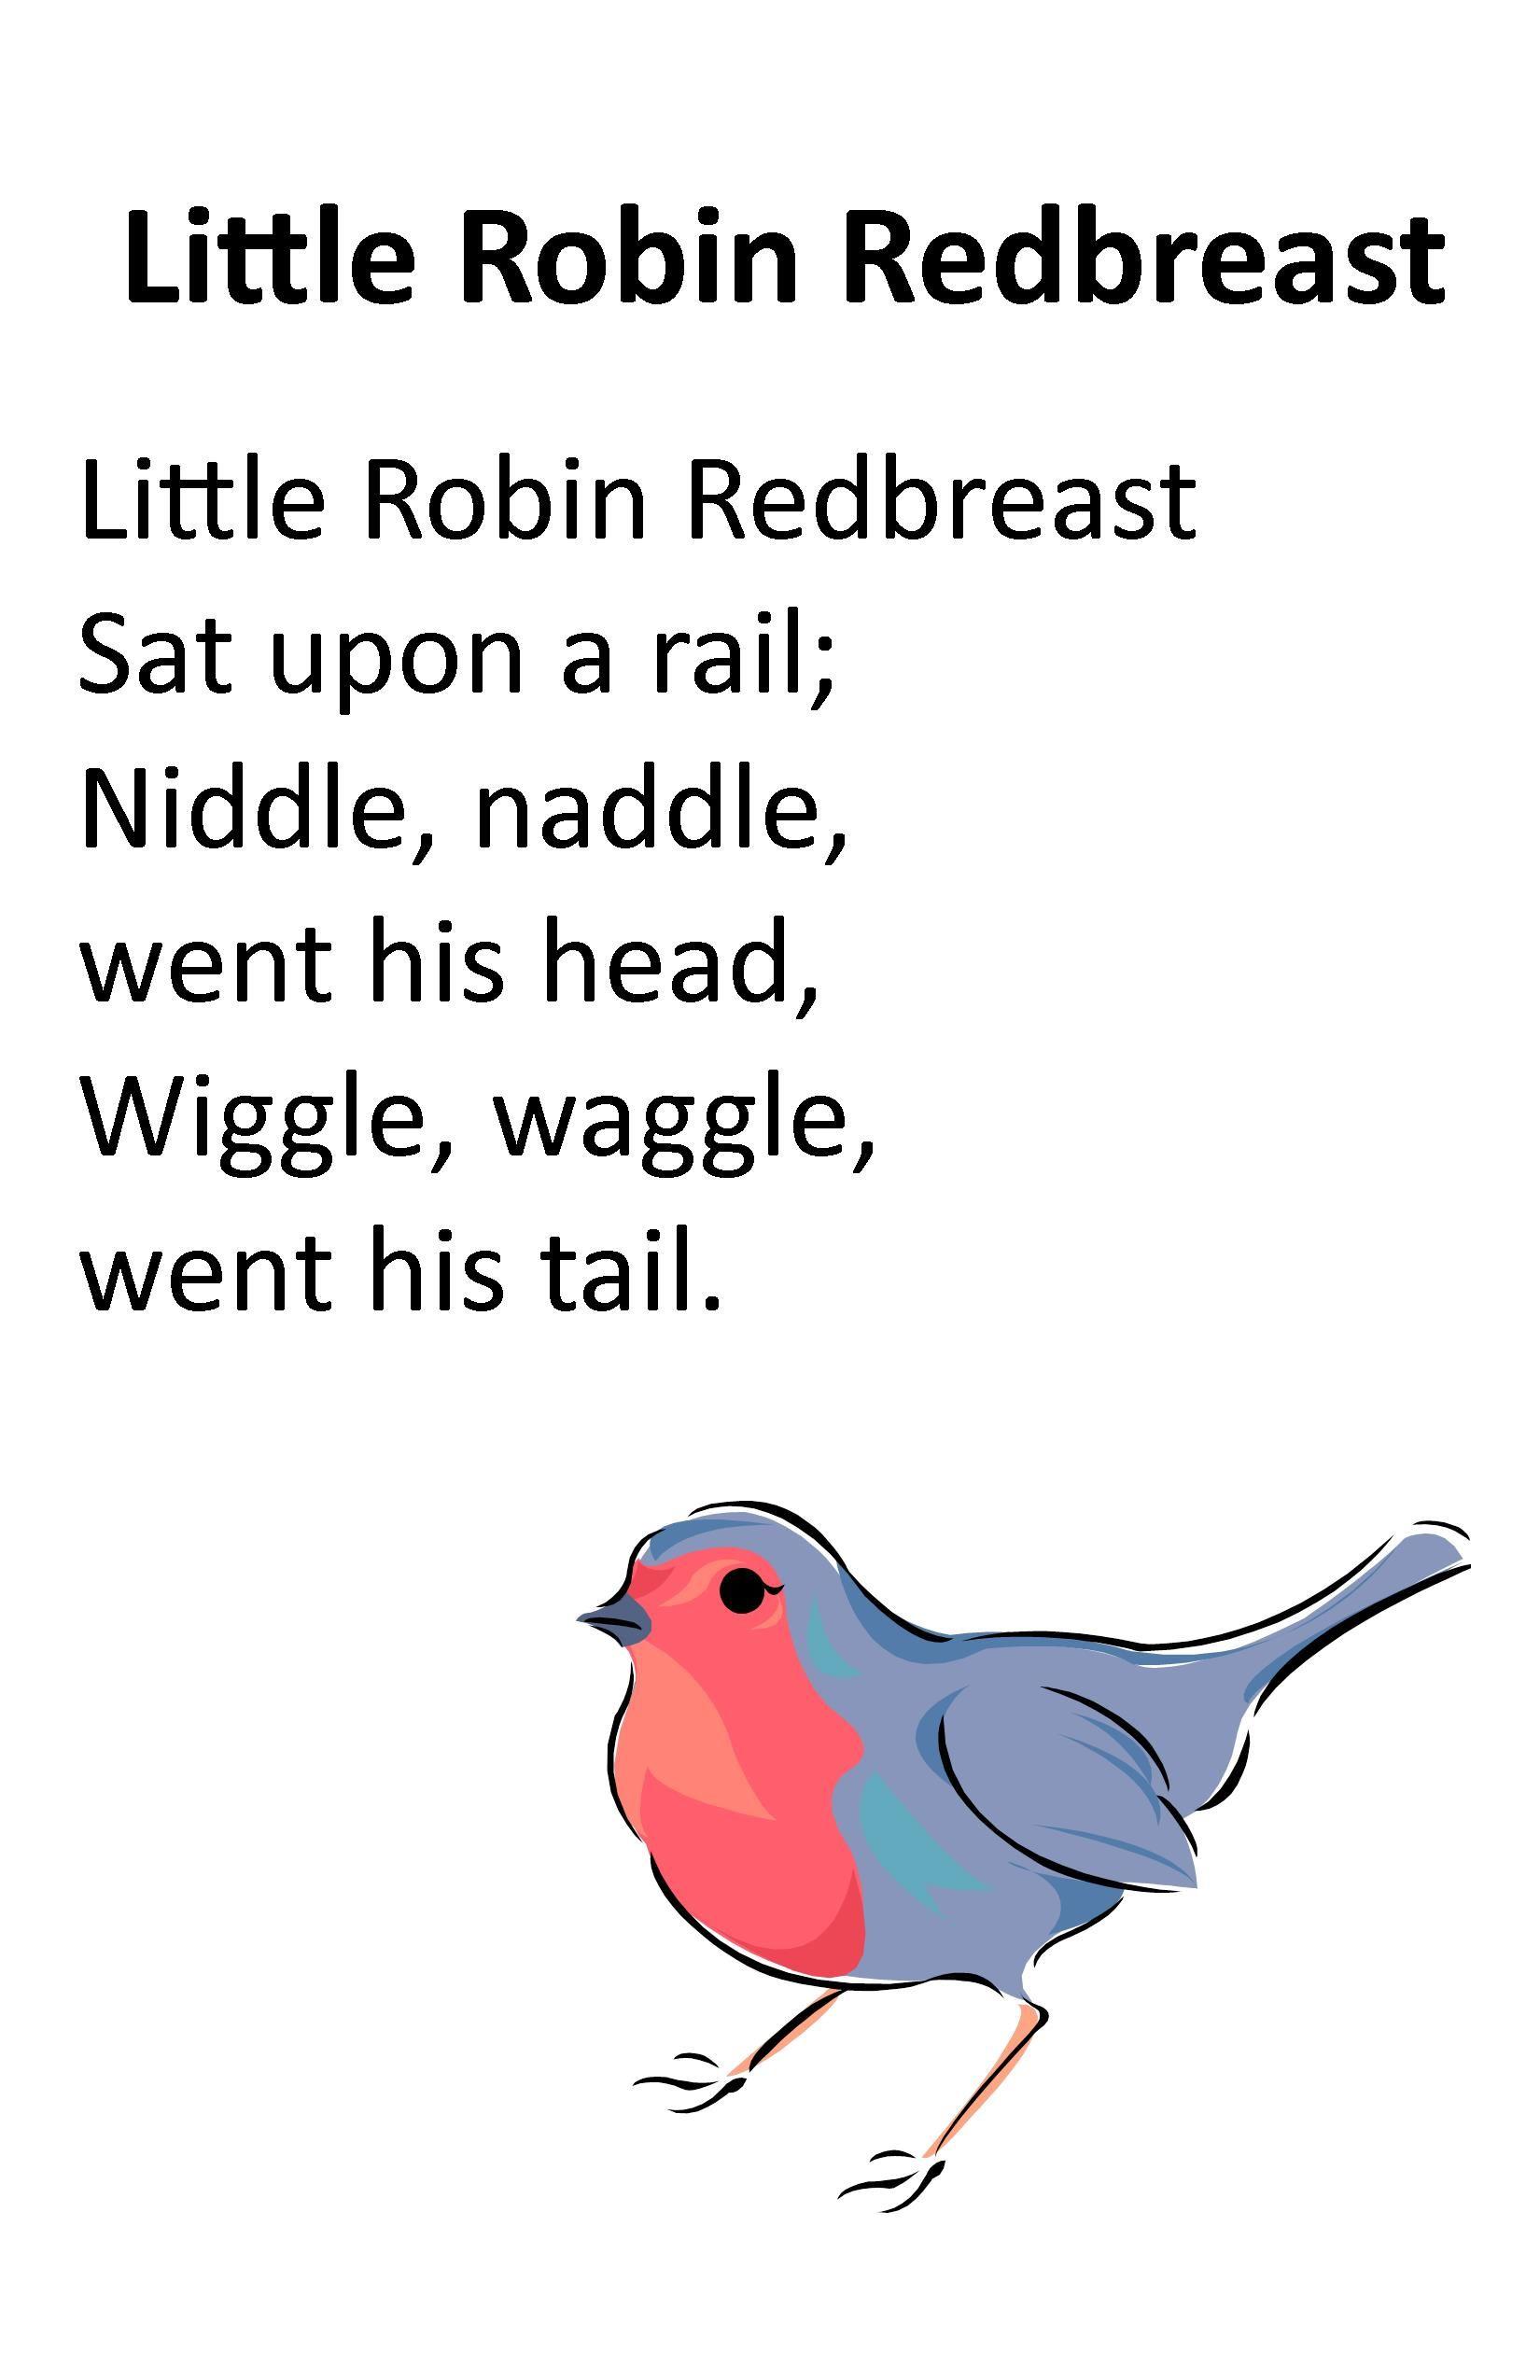 Itty Bitty Rhyme Little Robin Redbreast